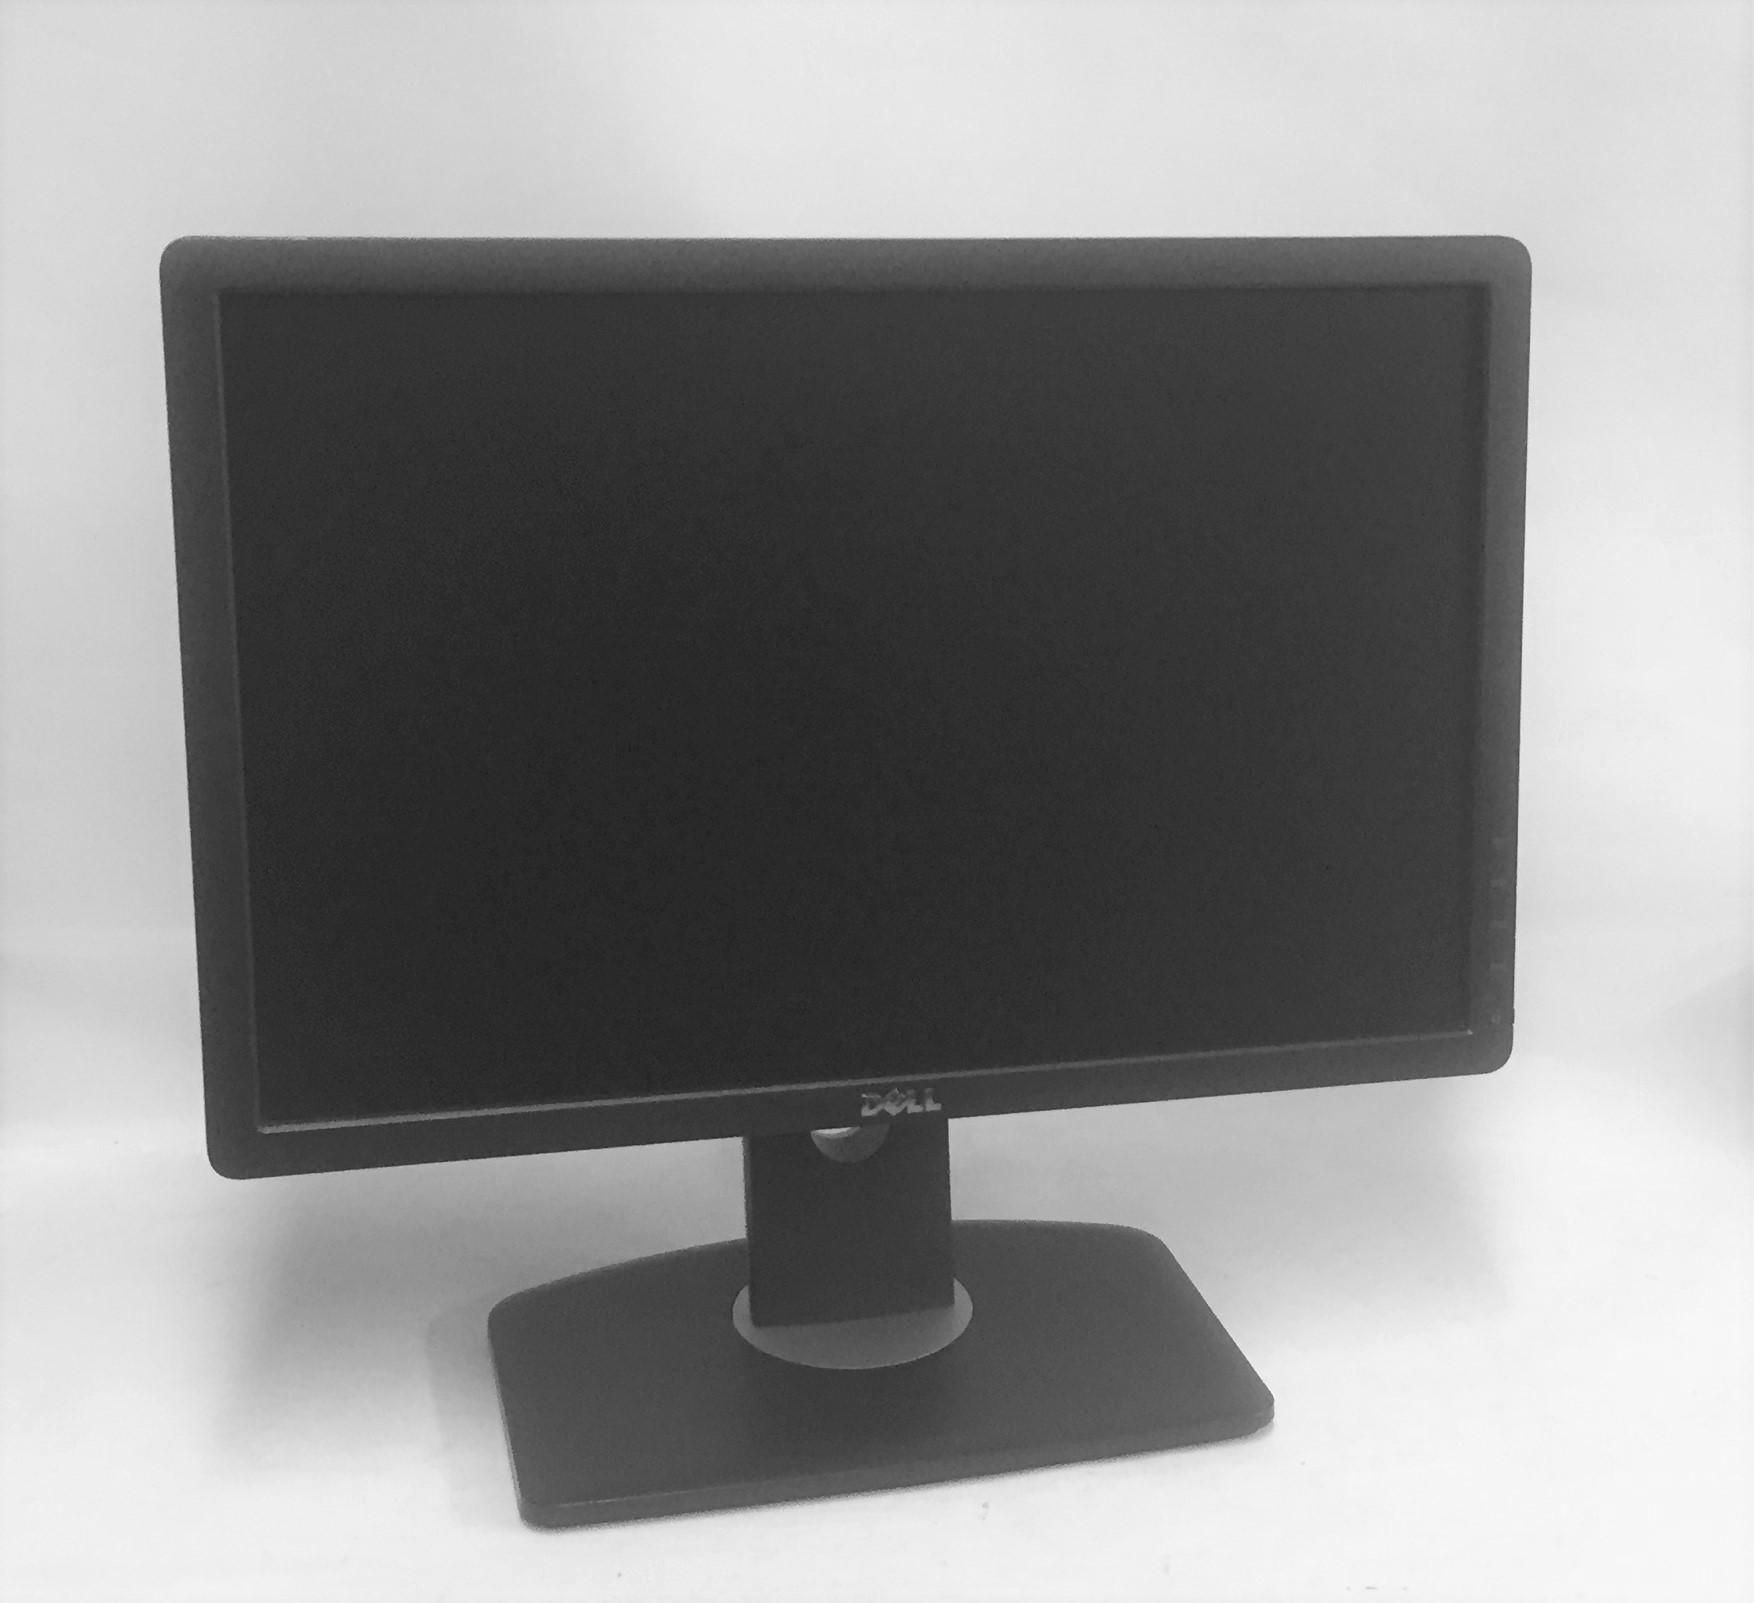 Dell-P1913t - 146028